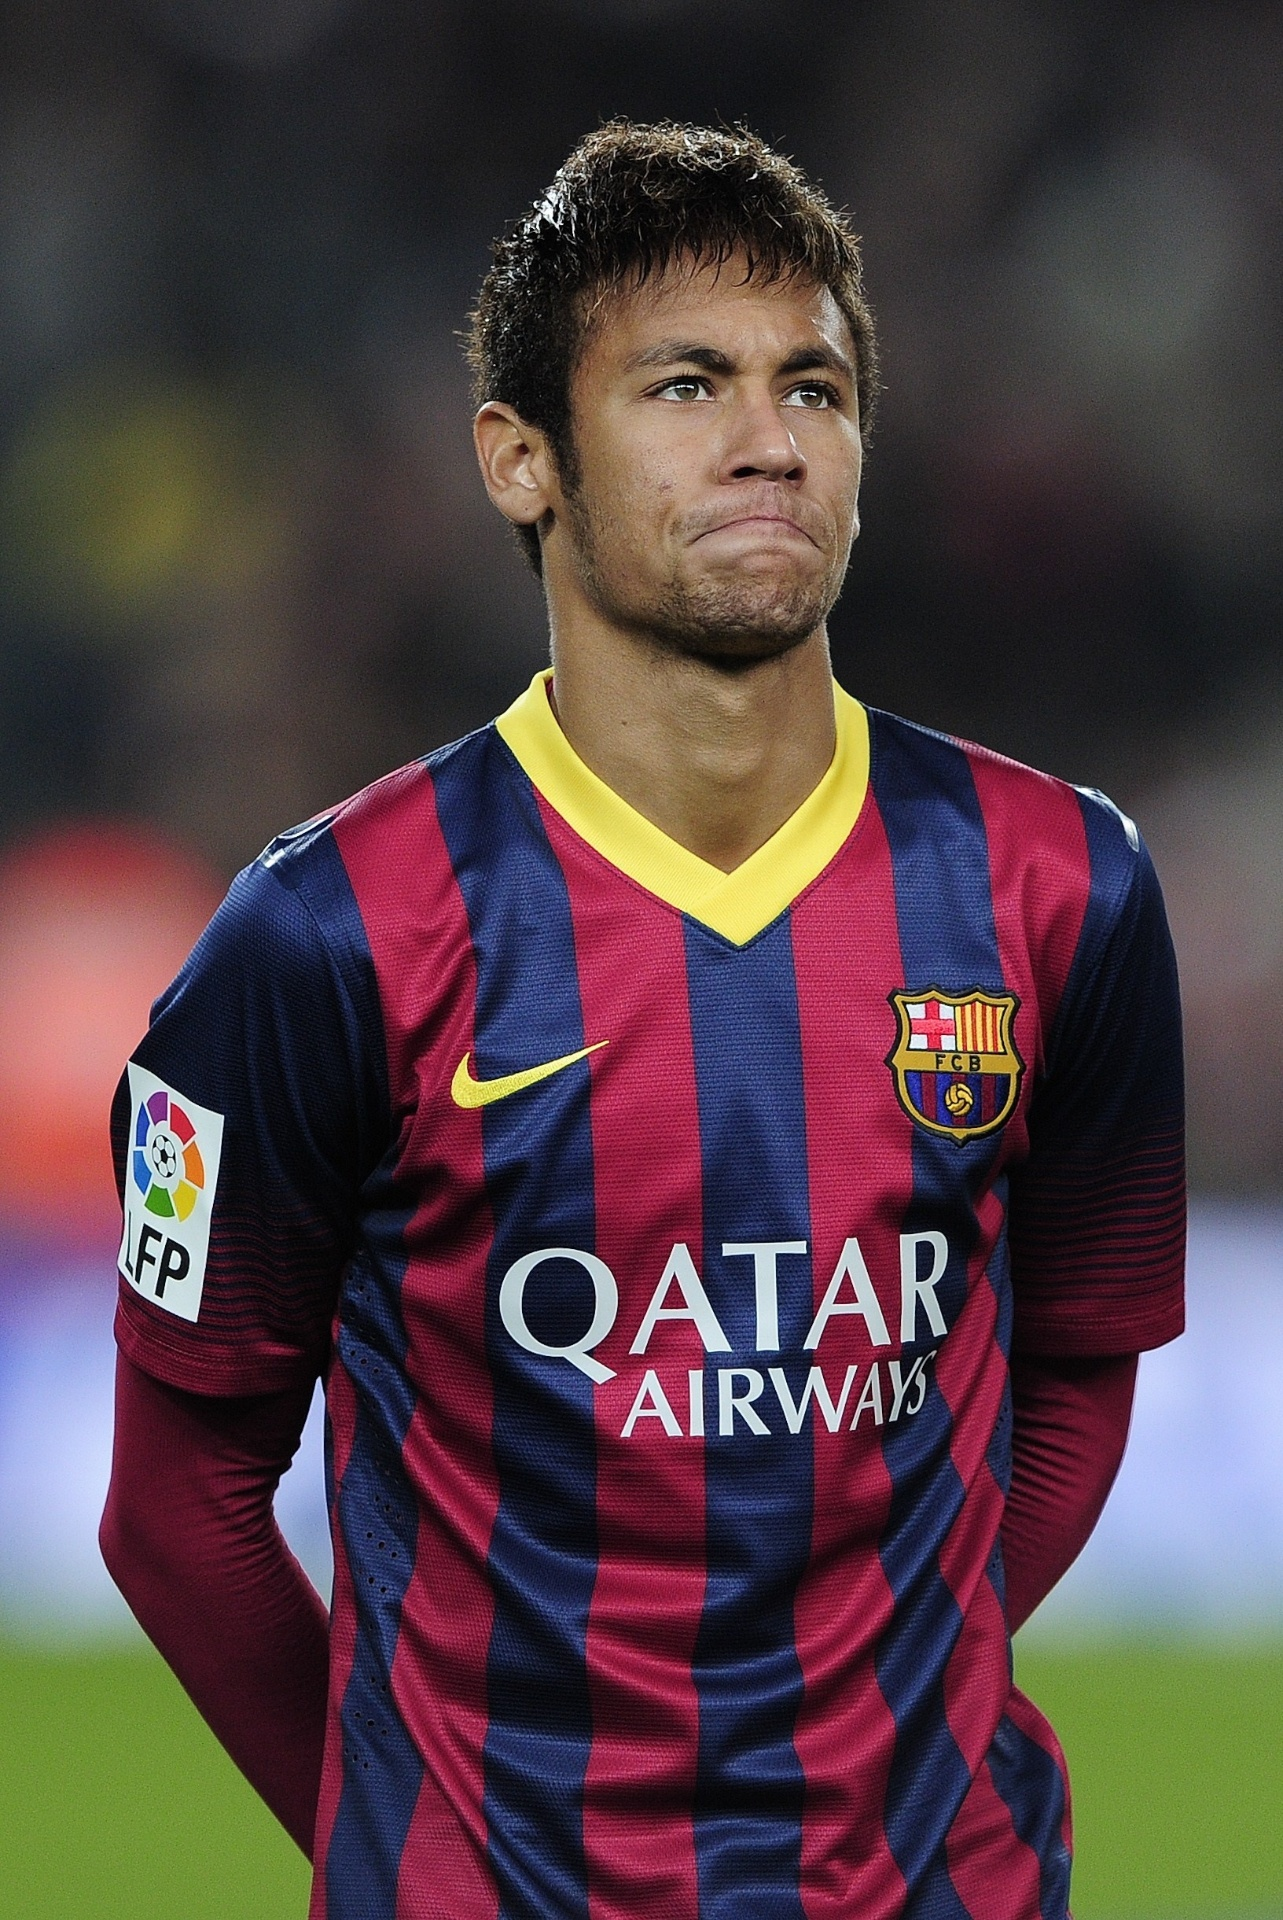 Atacante Neymar antes do jogo do Barcelona contra o Villarreal, em dezembro de 2013